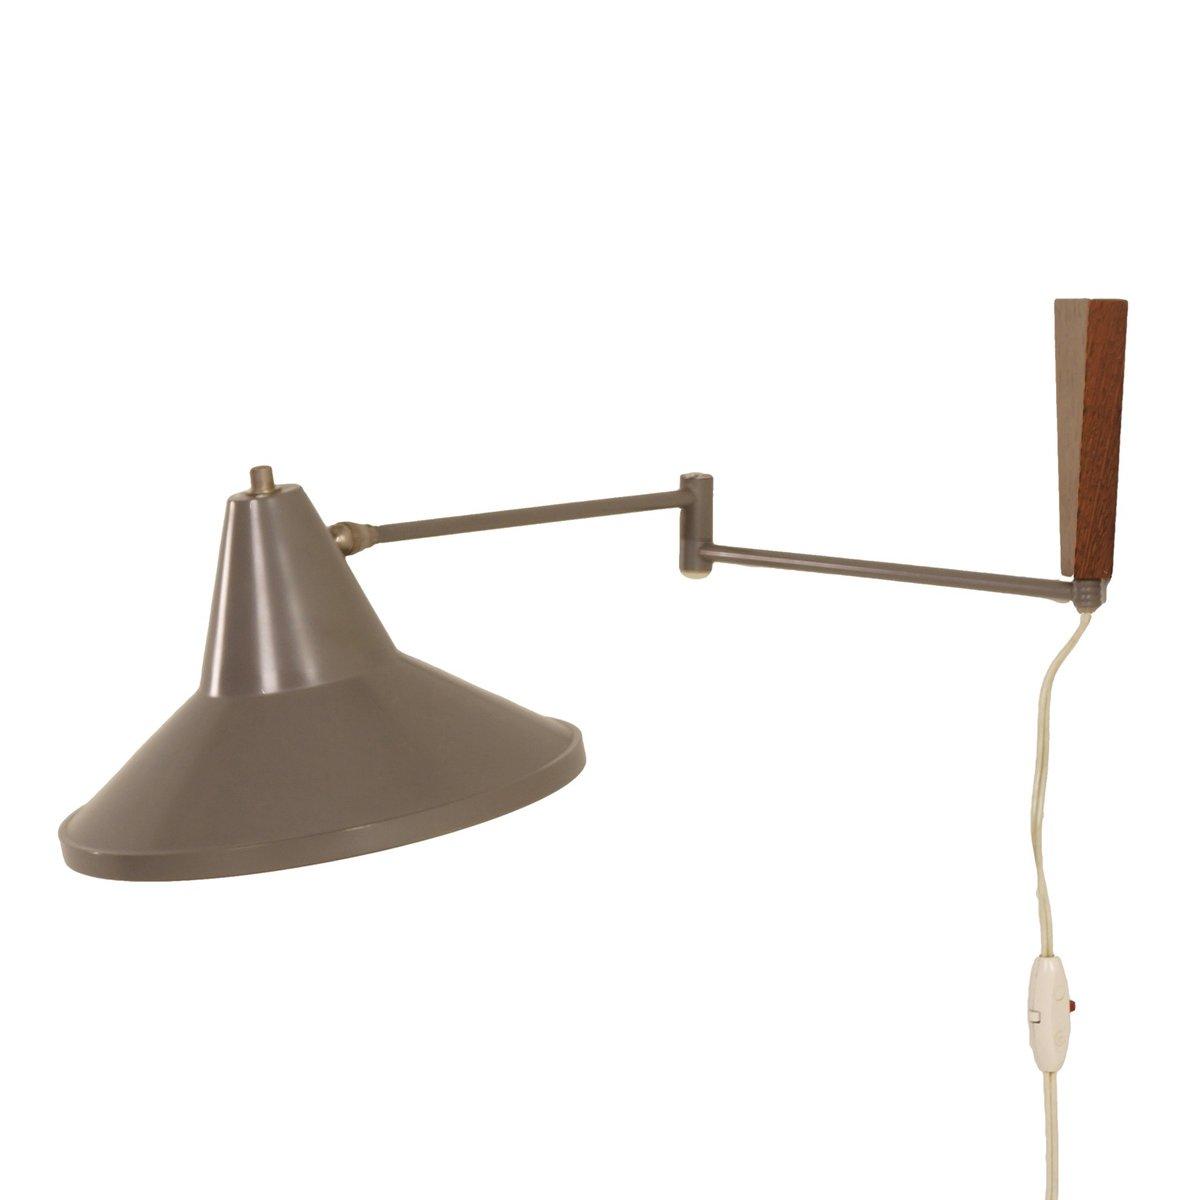 Graue Wandlampe von Louis Kalff für Philips, 1950er